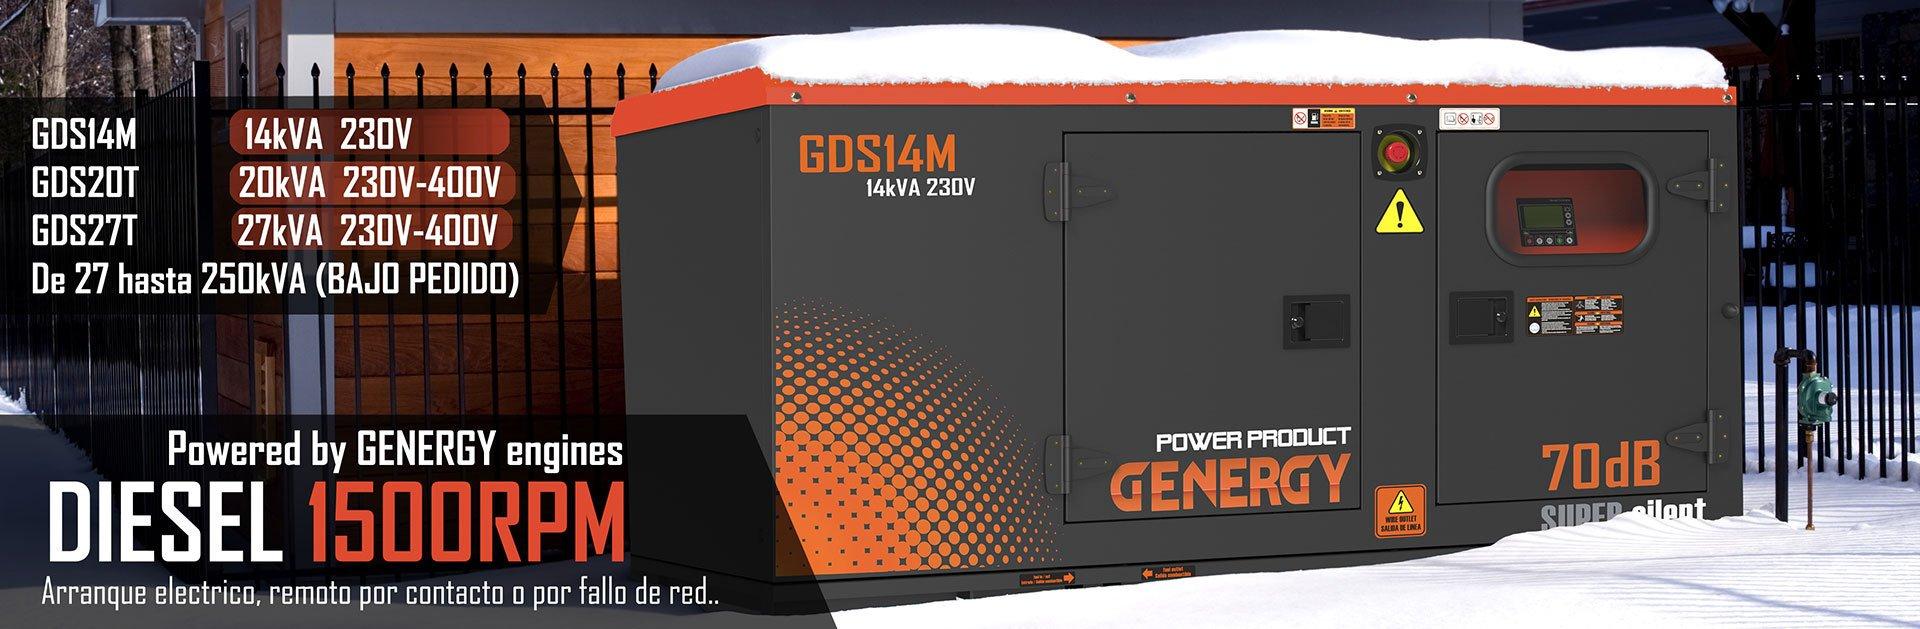 generador Diesel Genergy